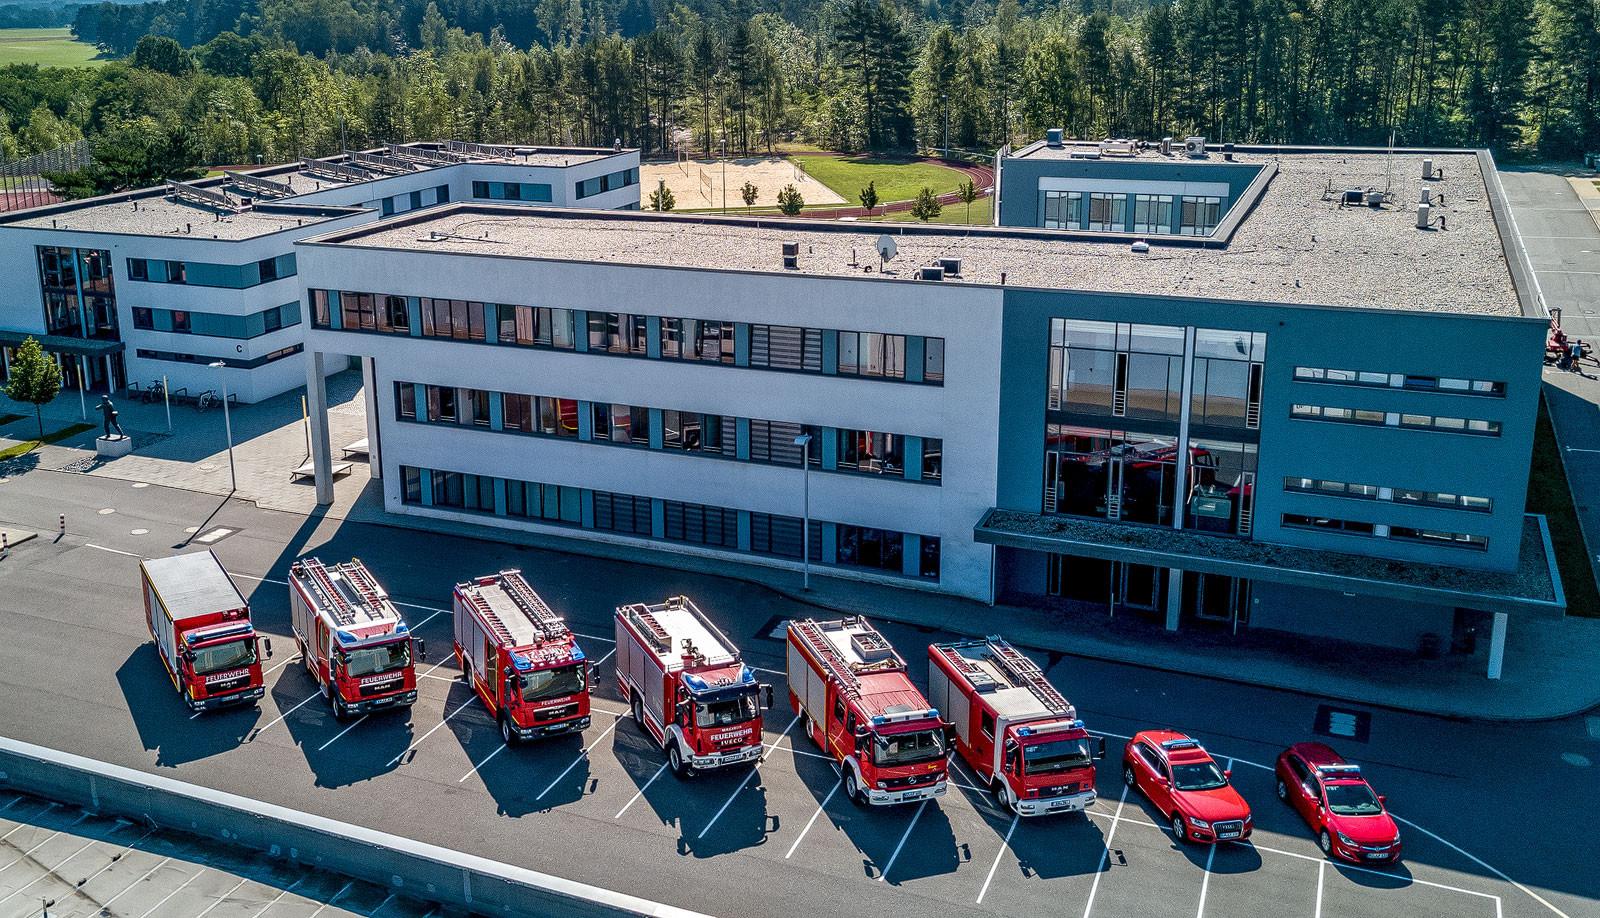 Client: Landesfeuerwehr- und Katastrophenschutzschule Sachsen